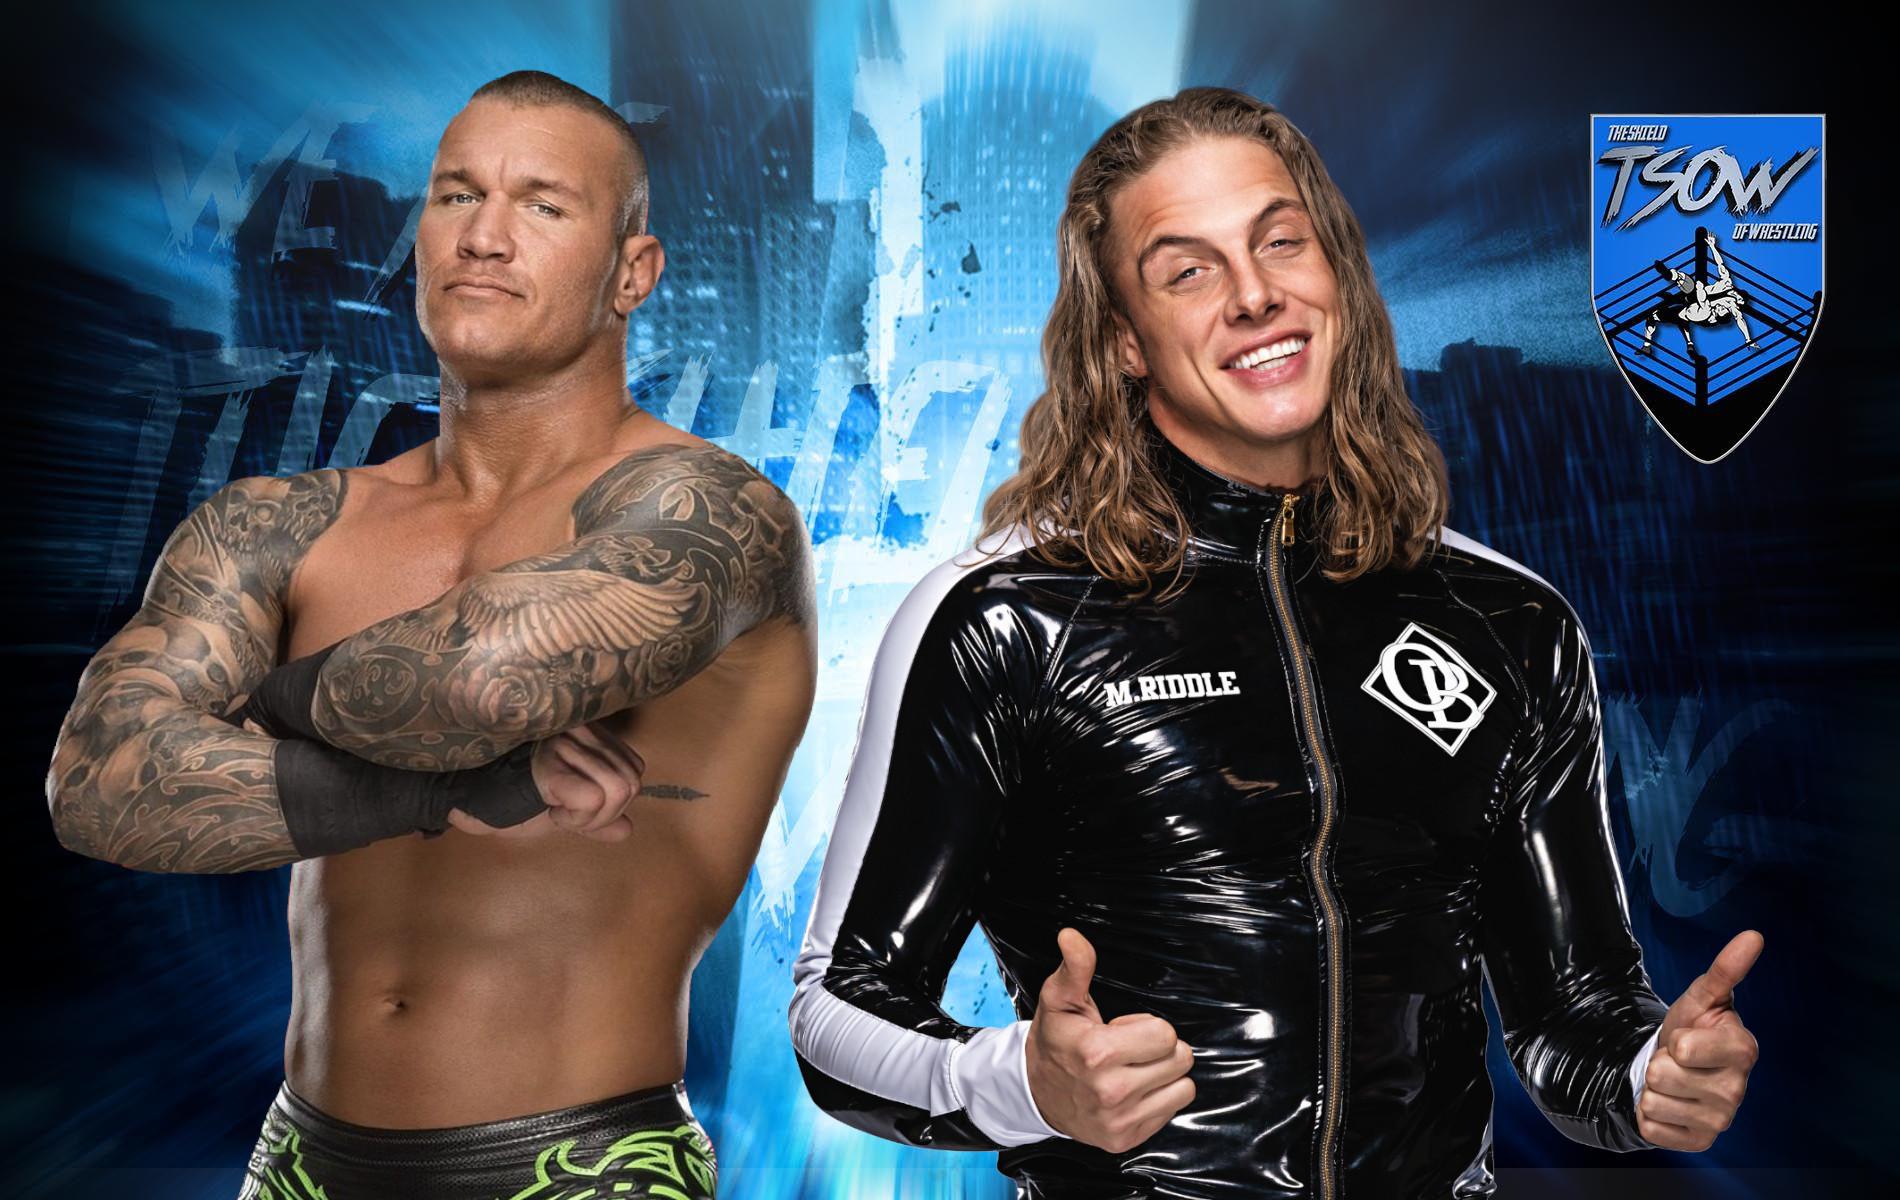 Randy Orton e Riddle: quanto durerà la loro alleanza?